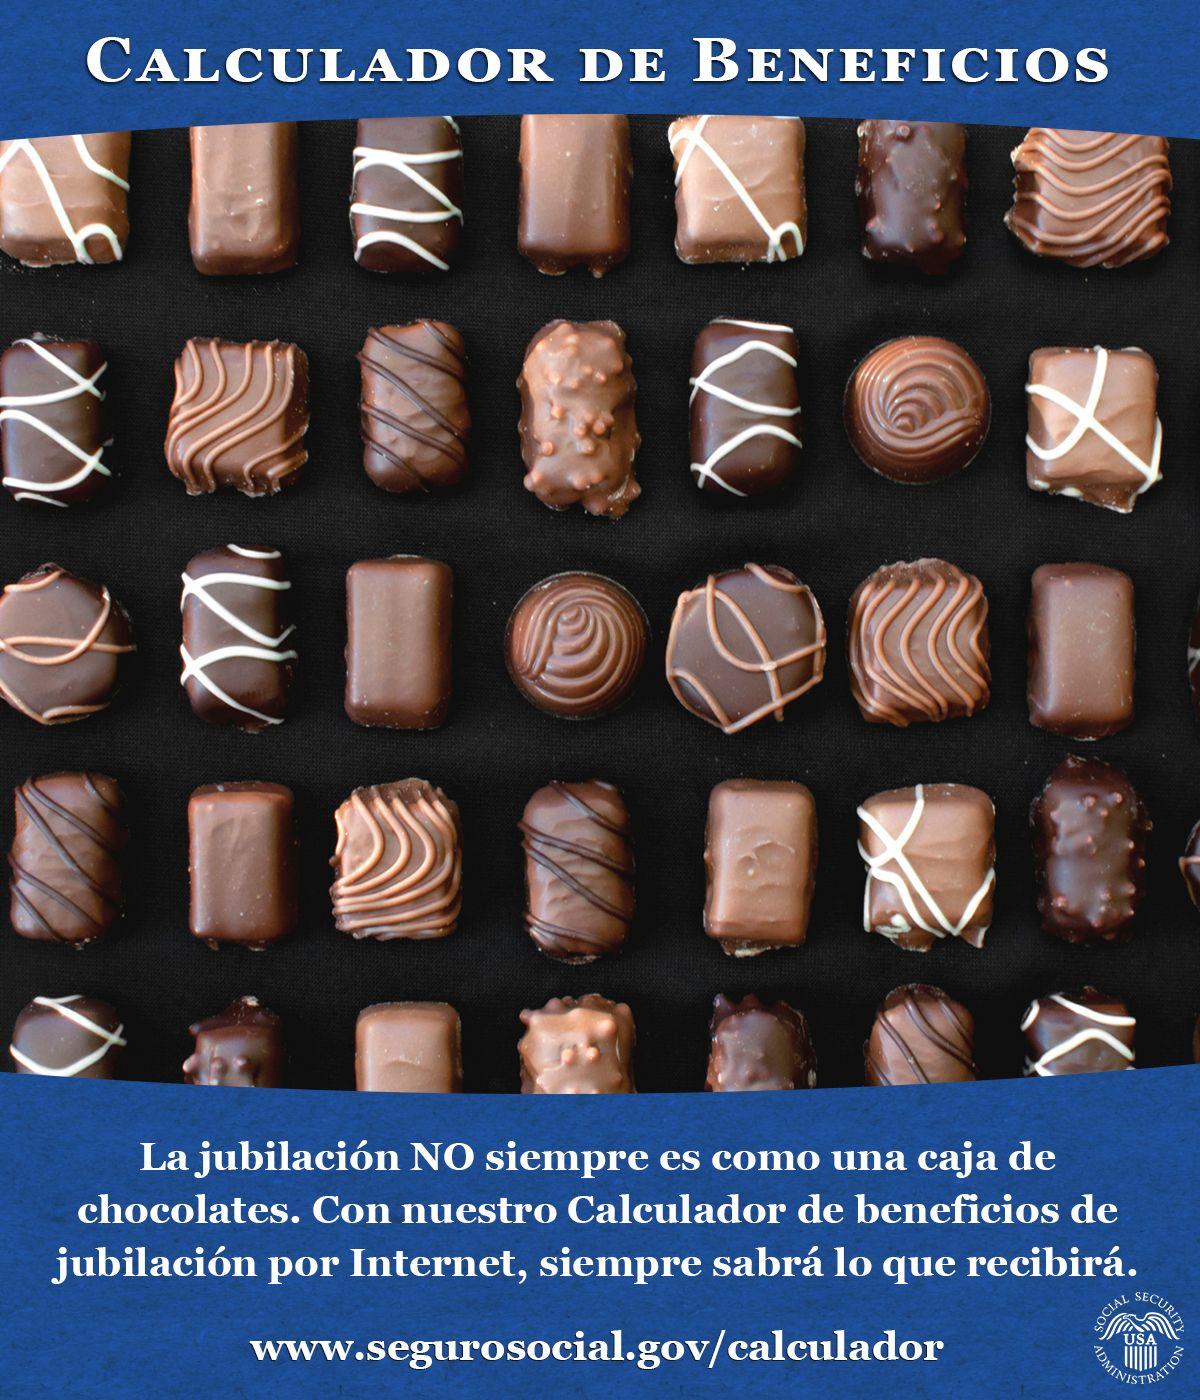 La jubilación NO es como una caja de chocolates. Con www.segurosocial.gov/calculador siempre sabrá lo que recibirá.